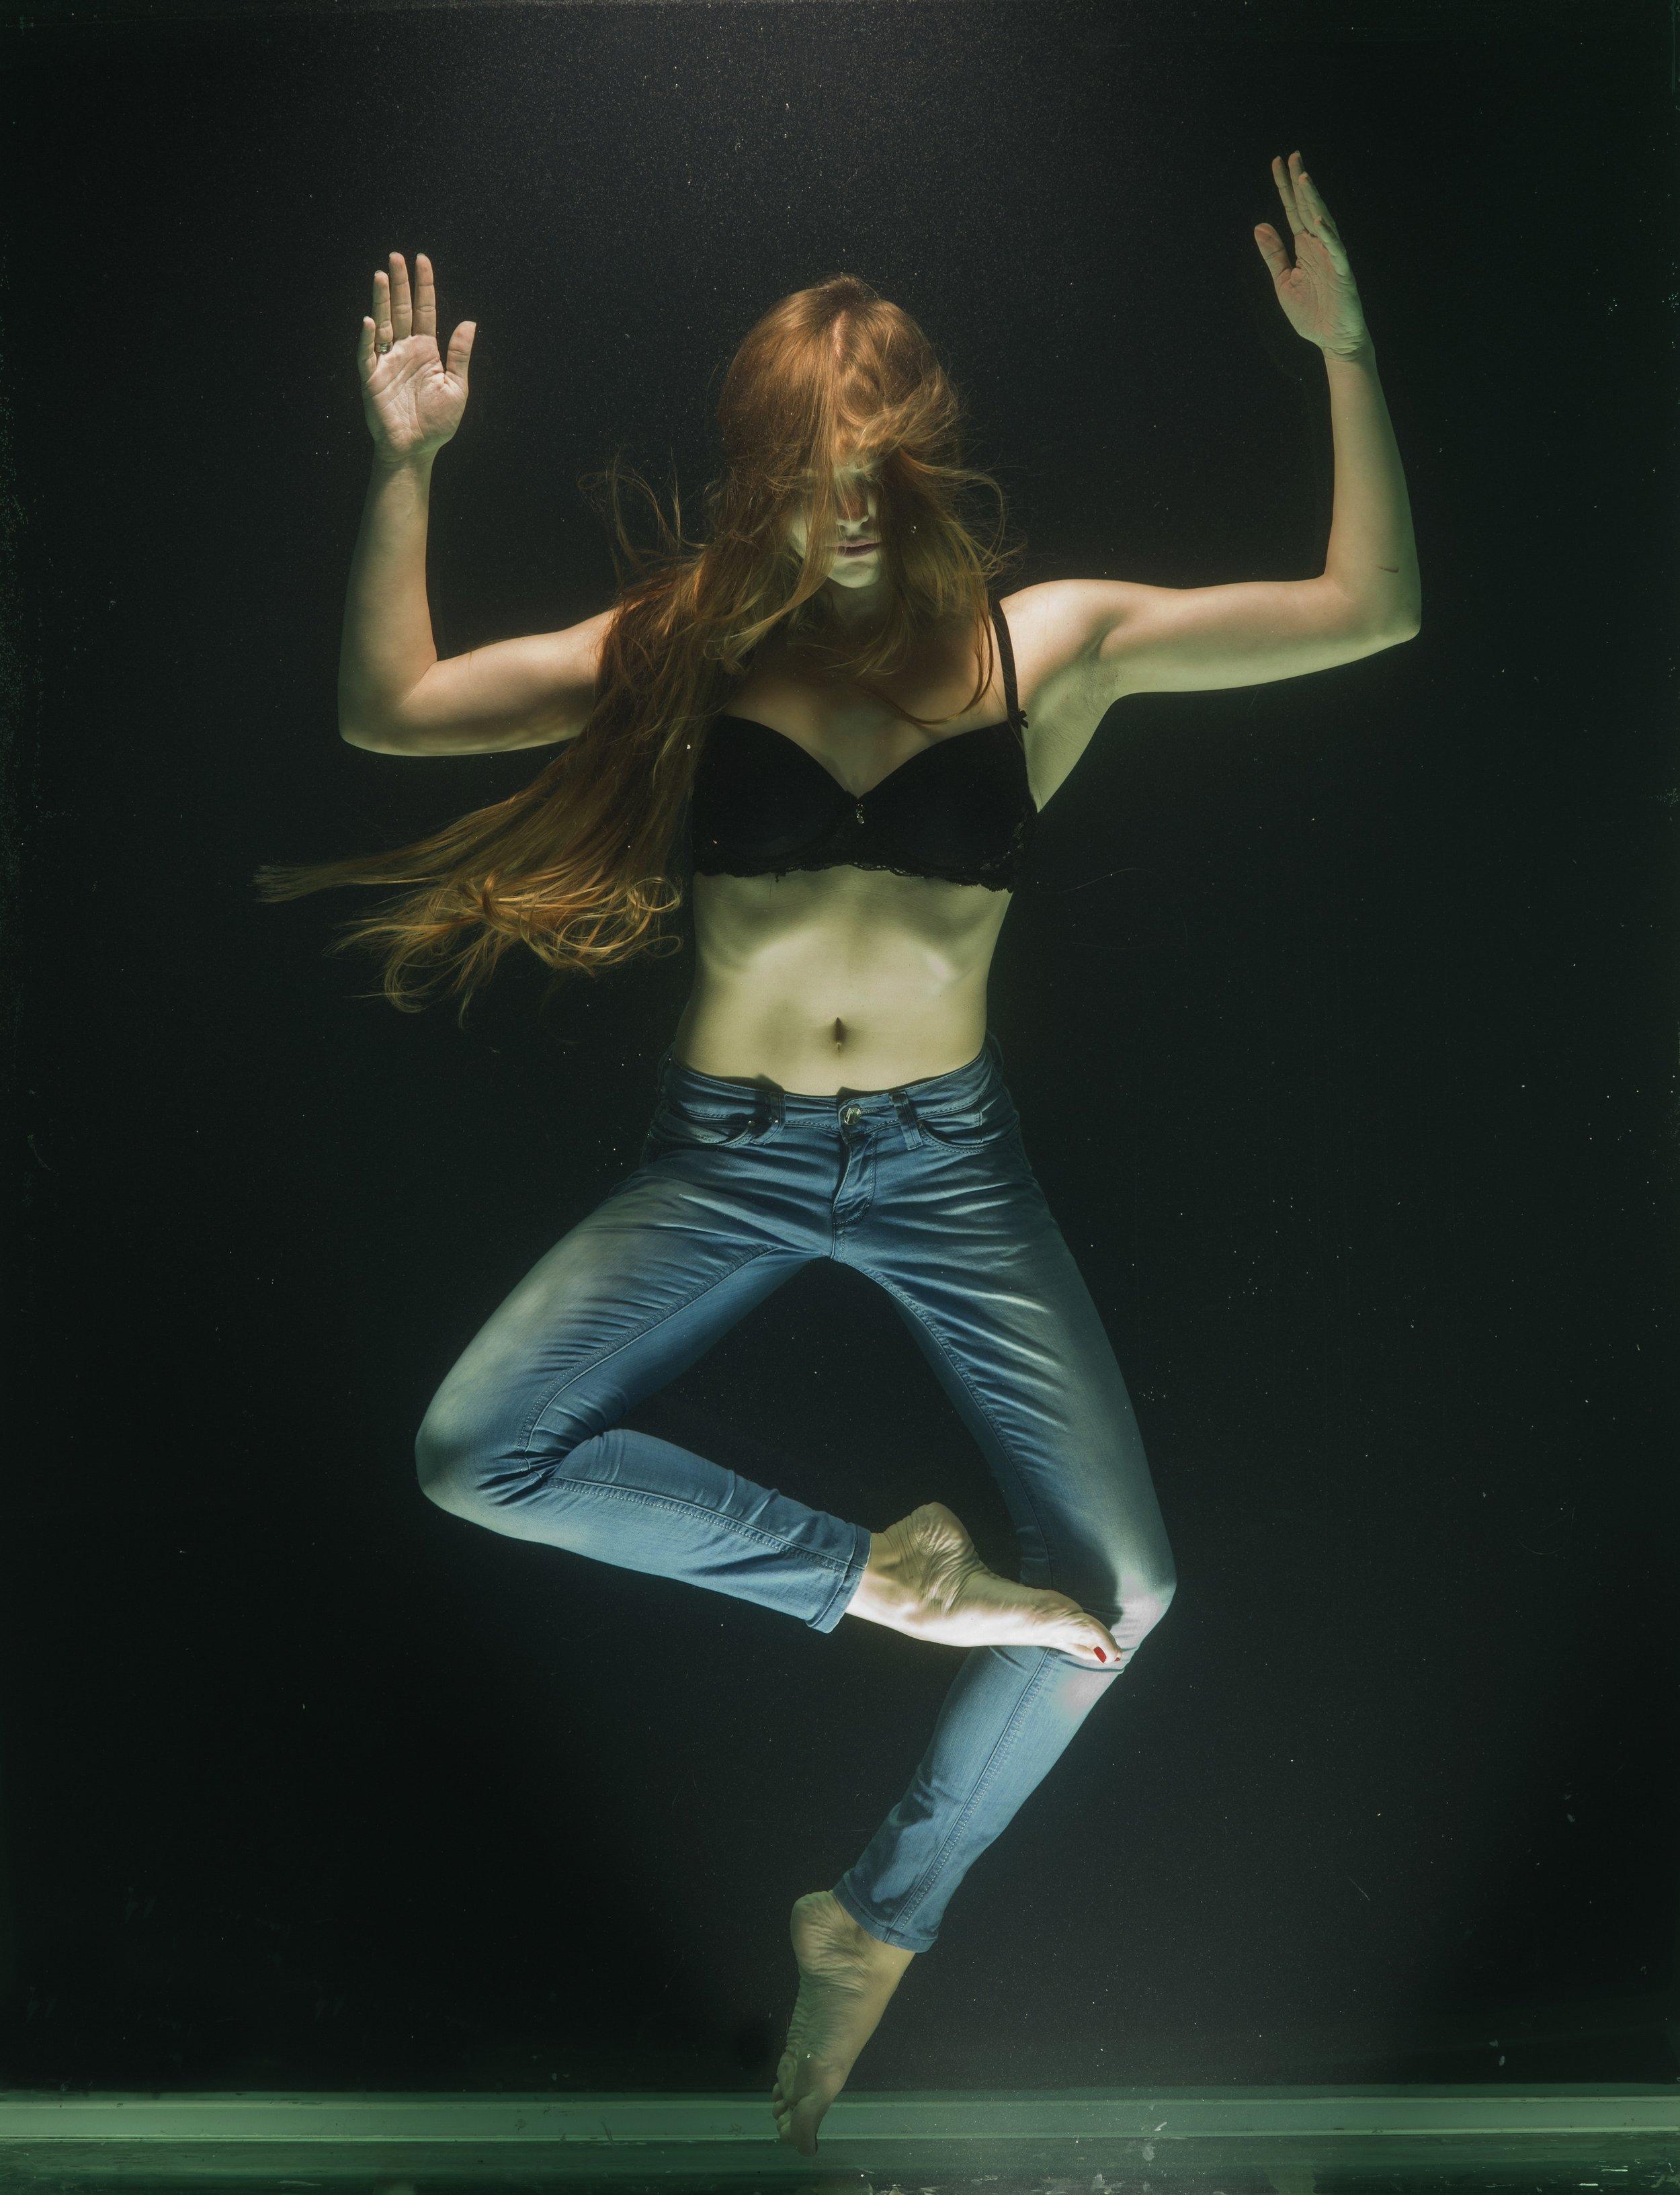 Une femme sous l'eau. Ses cheveux longs, roux et lumineux recouvrent son visage. Ses jambes sont repliées dans une posture dansée et semblent former une figure géométrique.